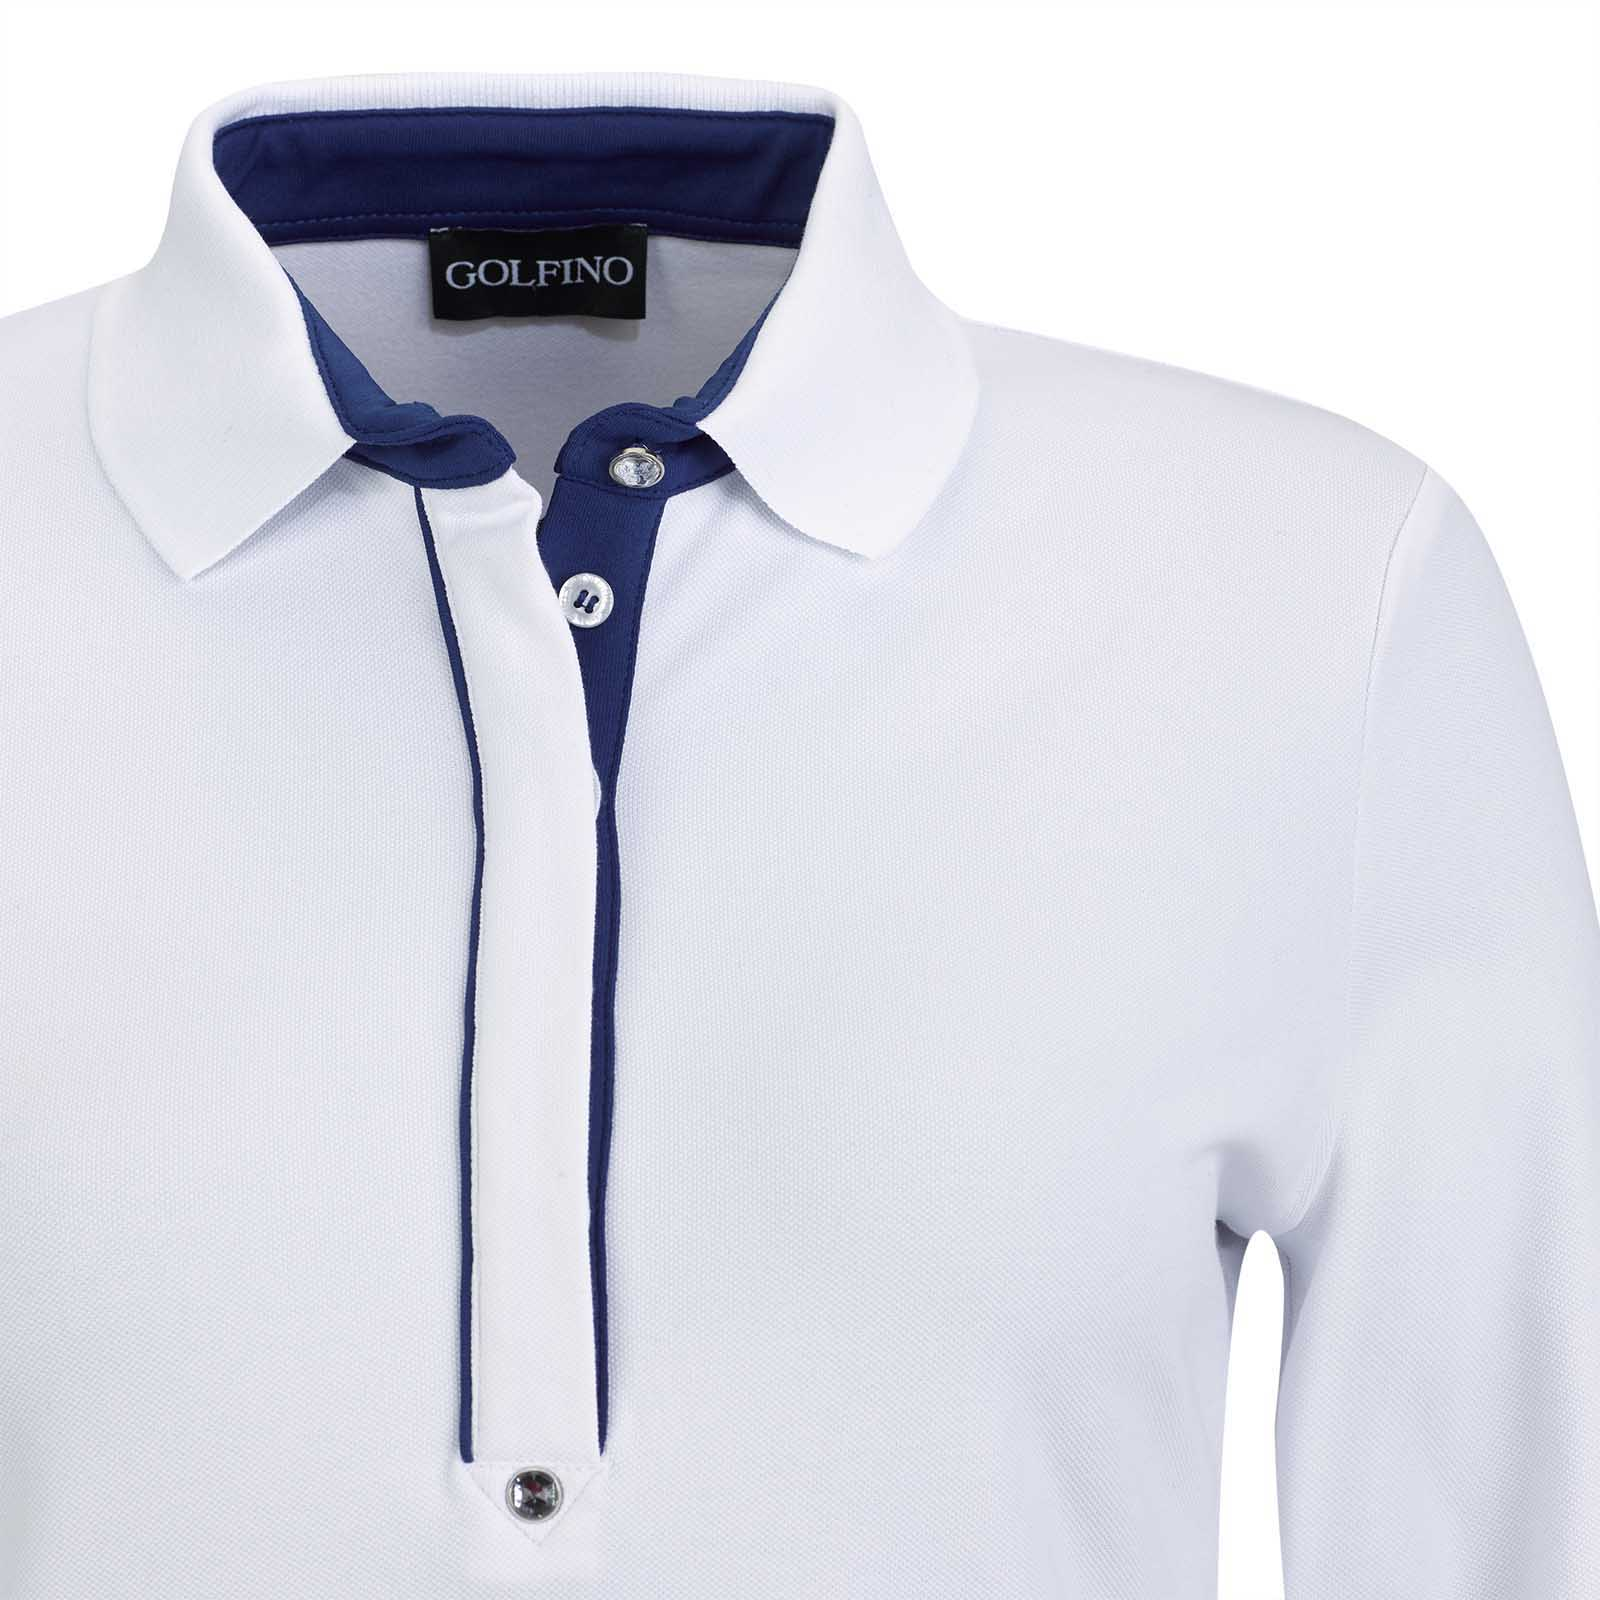 Langarm Damen Funktions-Golfpolo mit Sun Protection aus Cotton-Blend